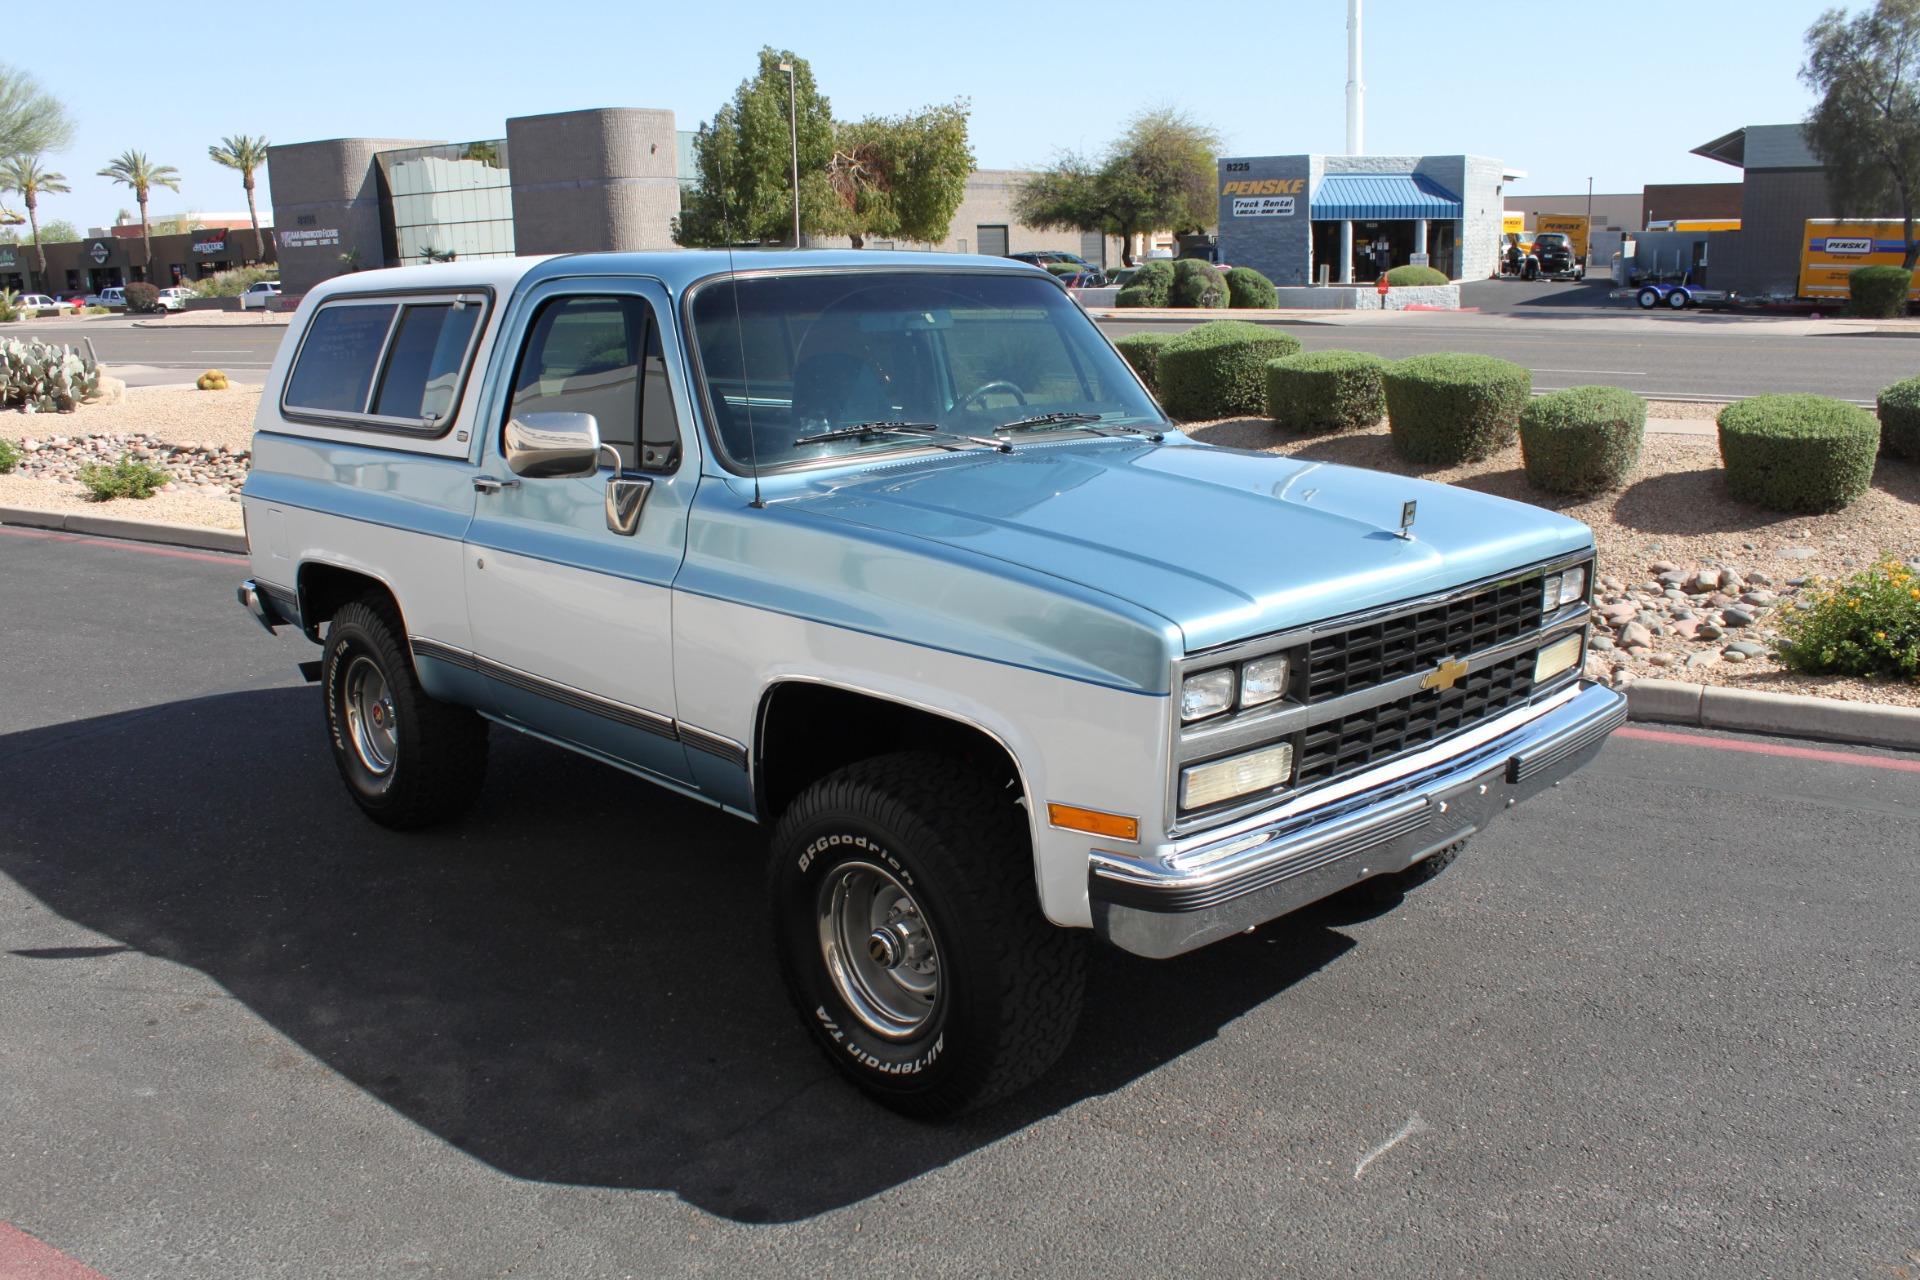 Used-1989-Chevrolet-K5-Blazer-4X4-Camaro